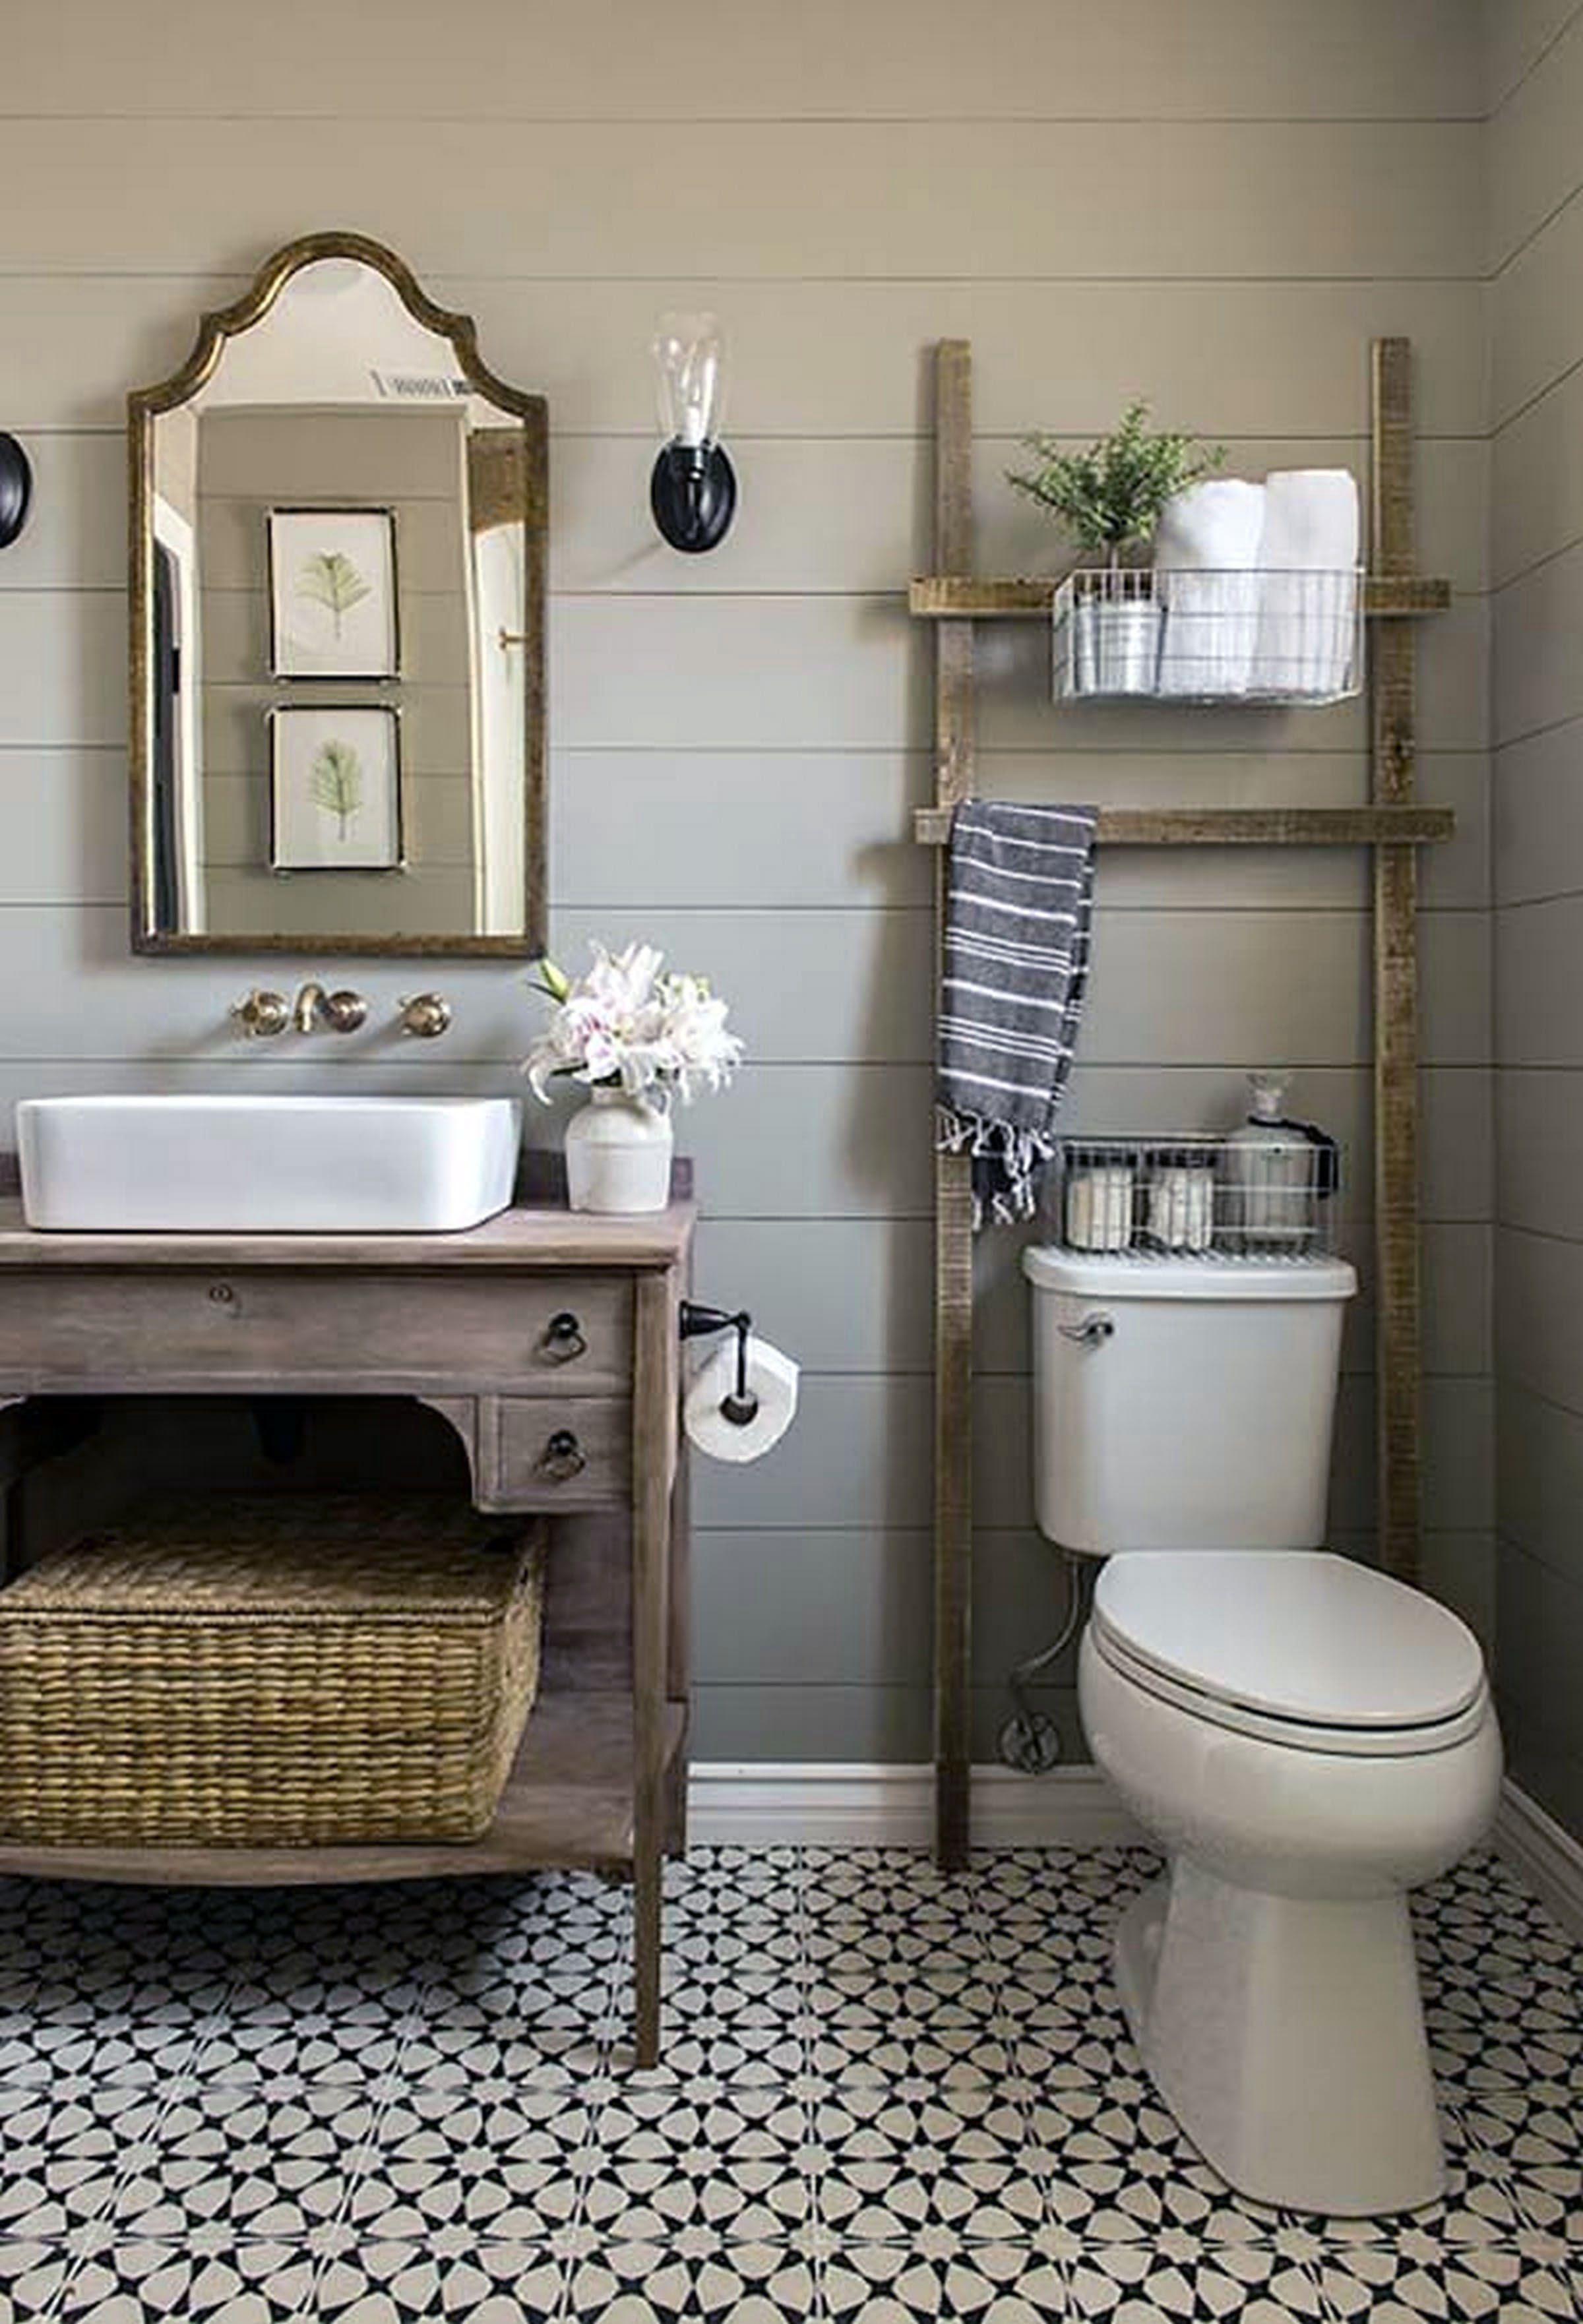 Cool Bathroom Storage Cabinets Jysk Only In Miraliva Com Bathroom Farmhouse Style Bathroom Styling Modern Farmhouse Bathroom